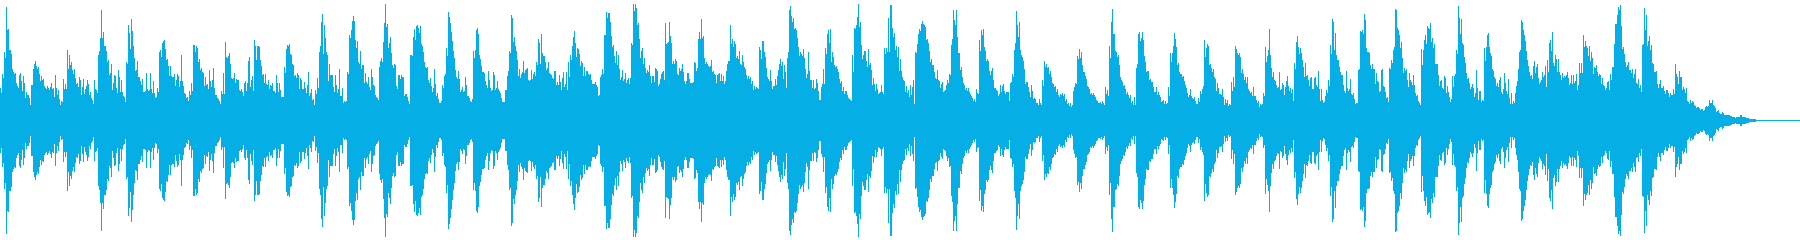 瞑想やヨガ、睡眠誘導のための音楽 03の再生済みの波形